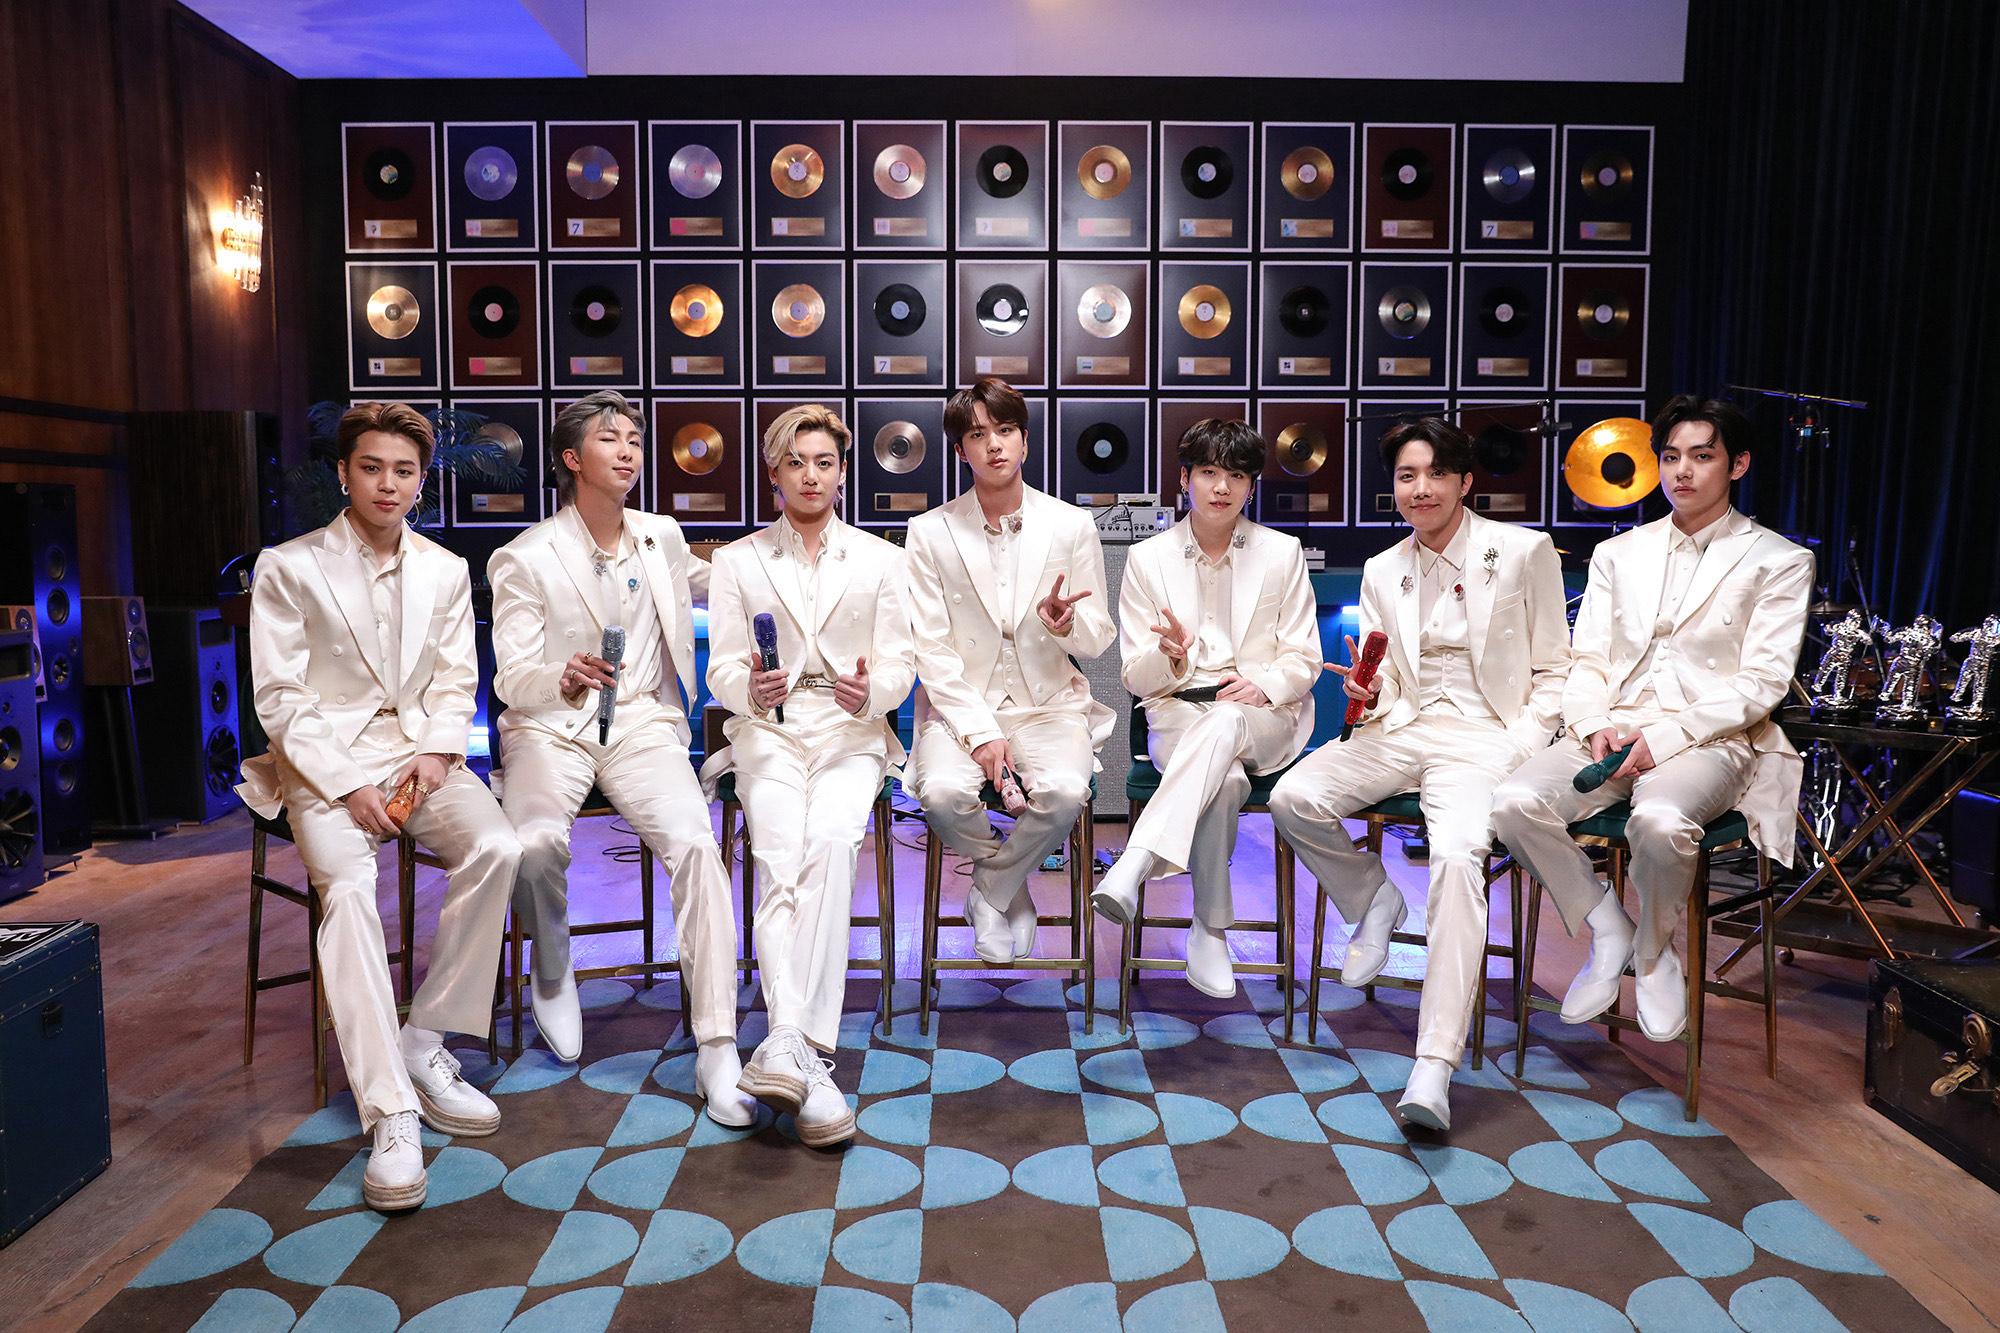 BTS estreia sua primeira apresentação no MTV Unplugged hoje, terça-feira (23).